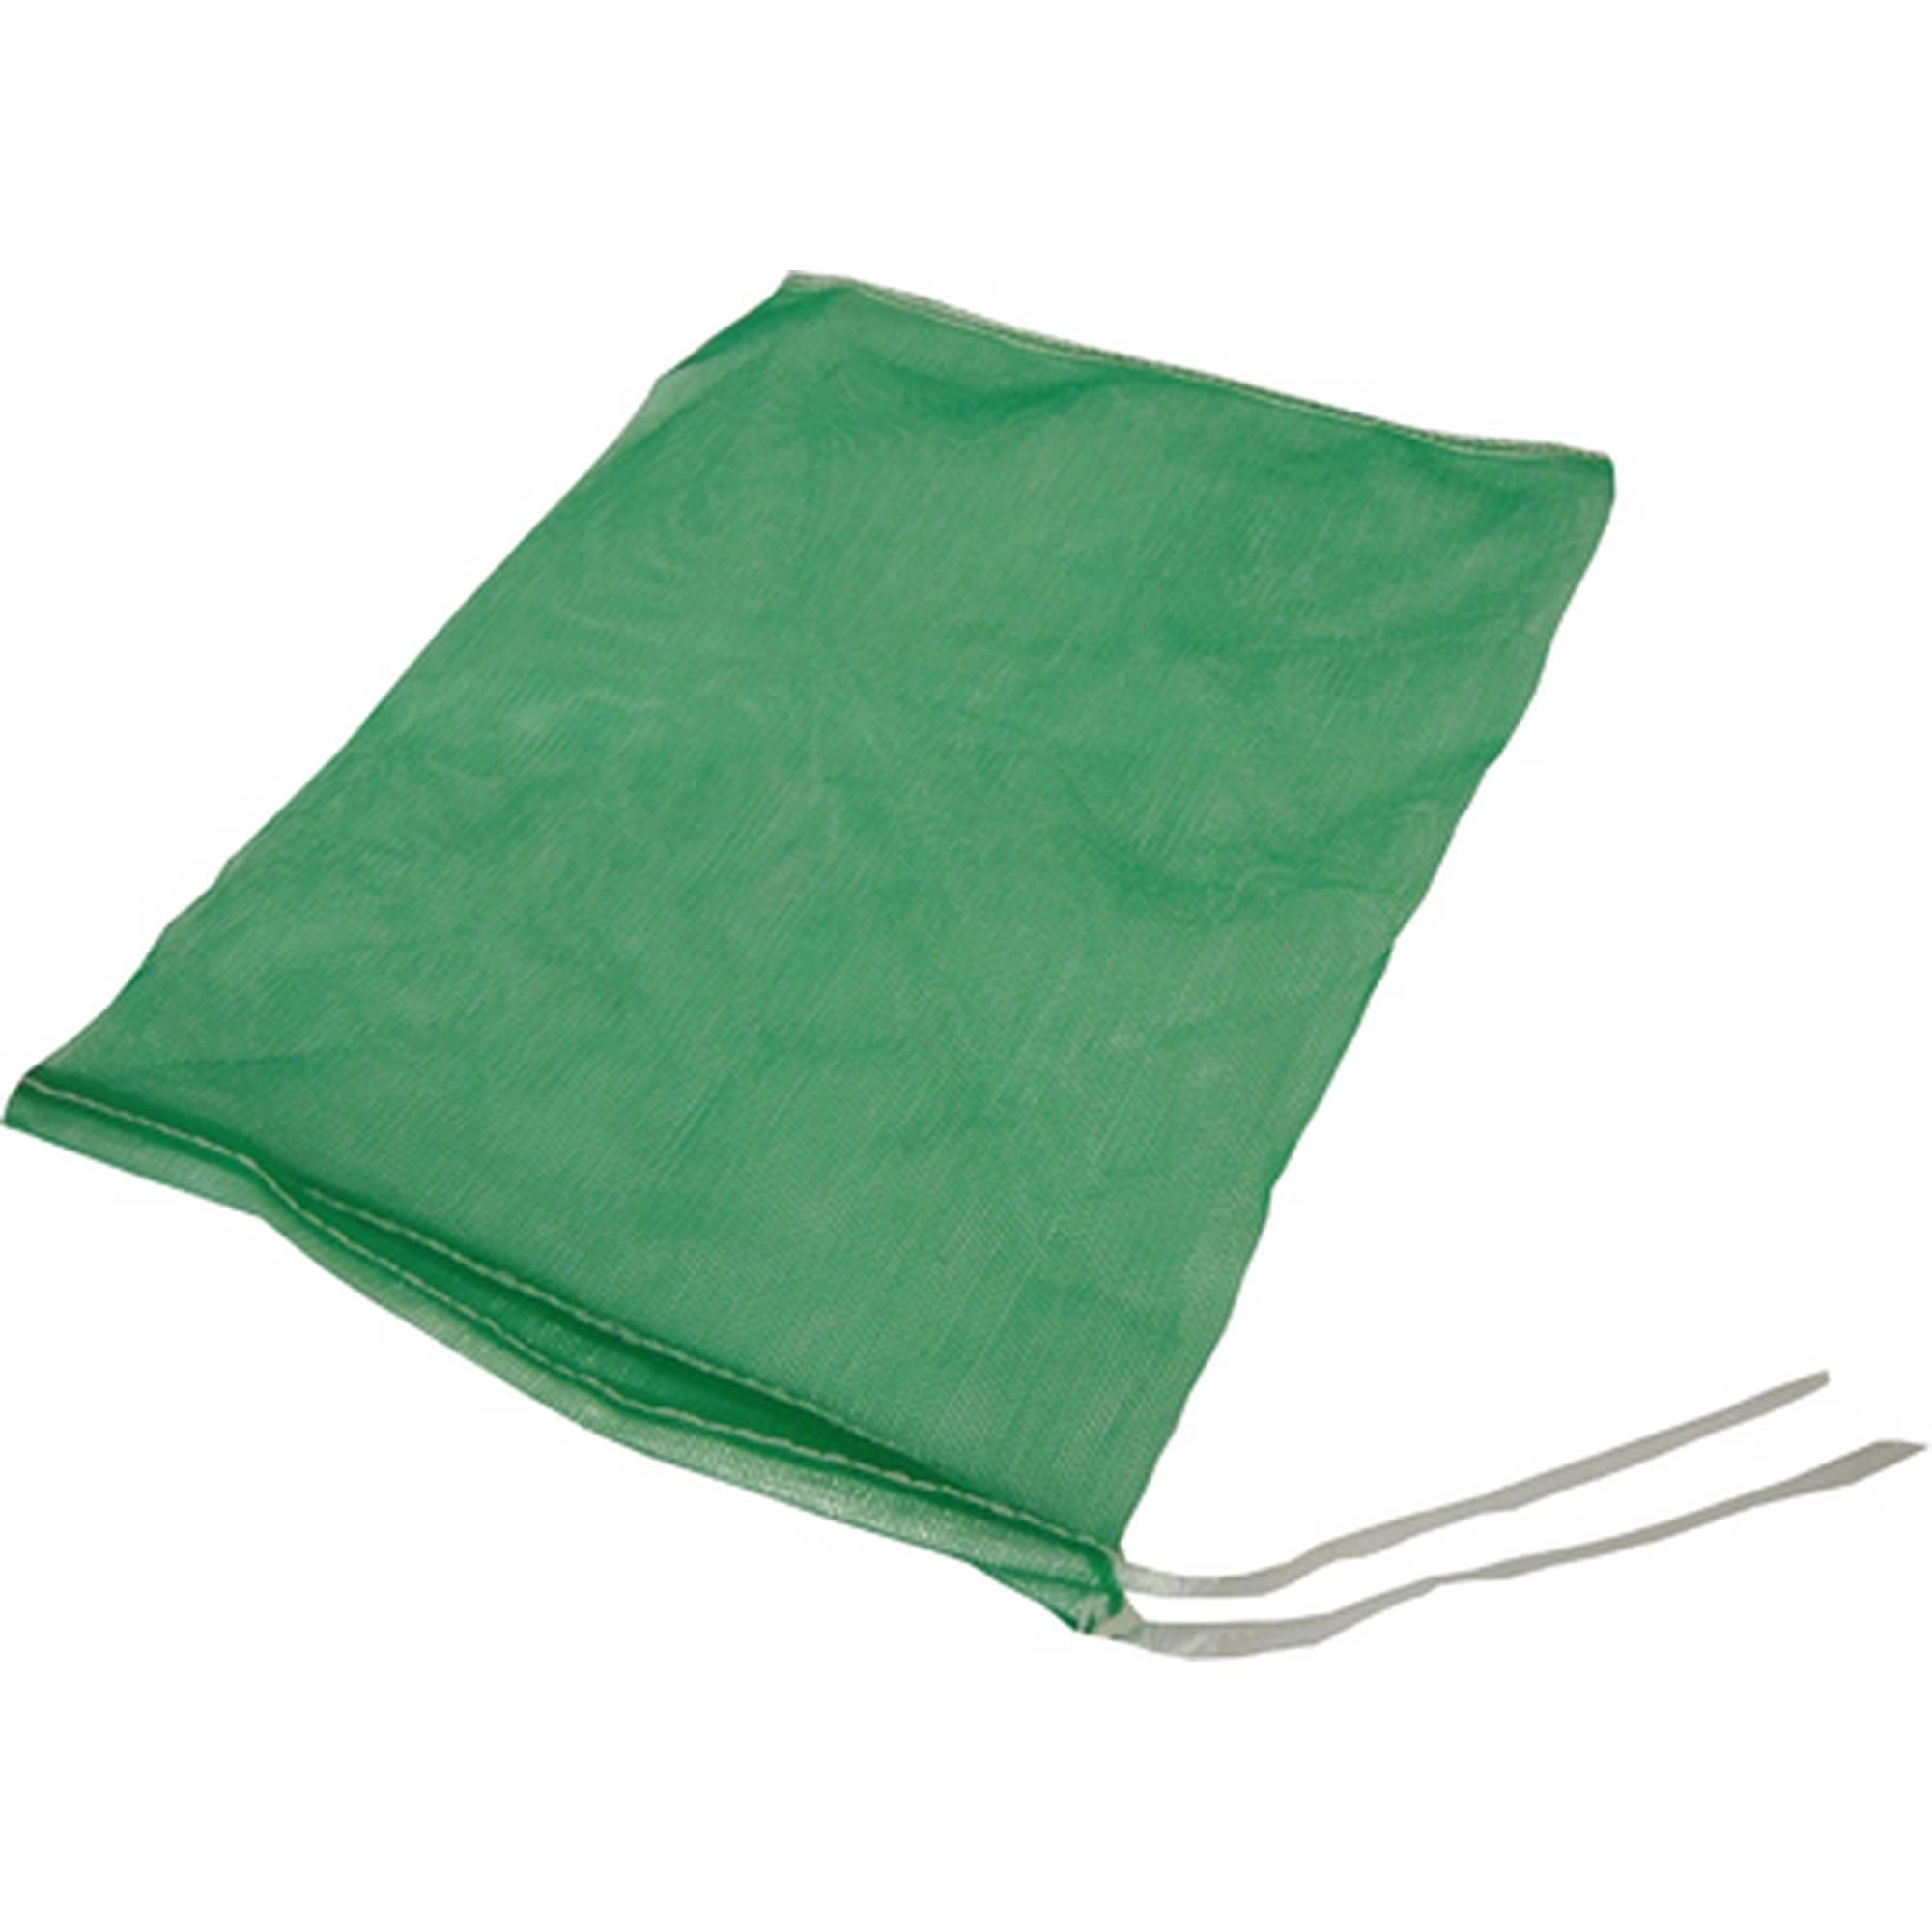 Netz, ca. 27x25 cm, grün, mit Schnur